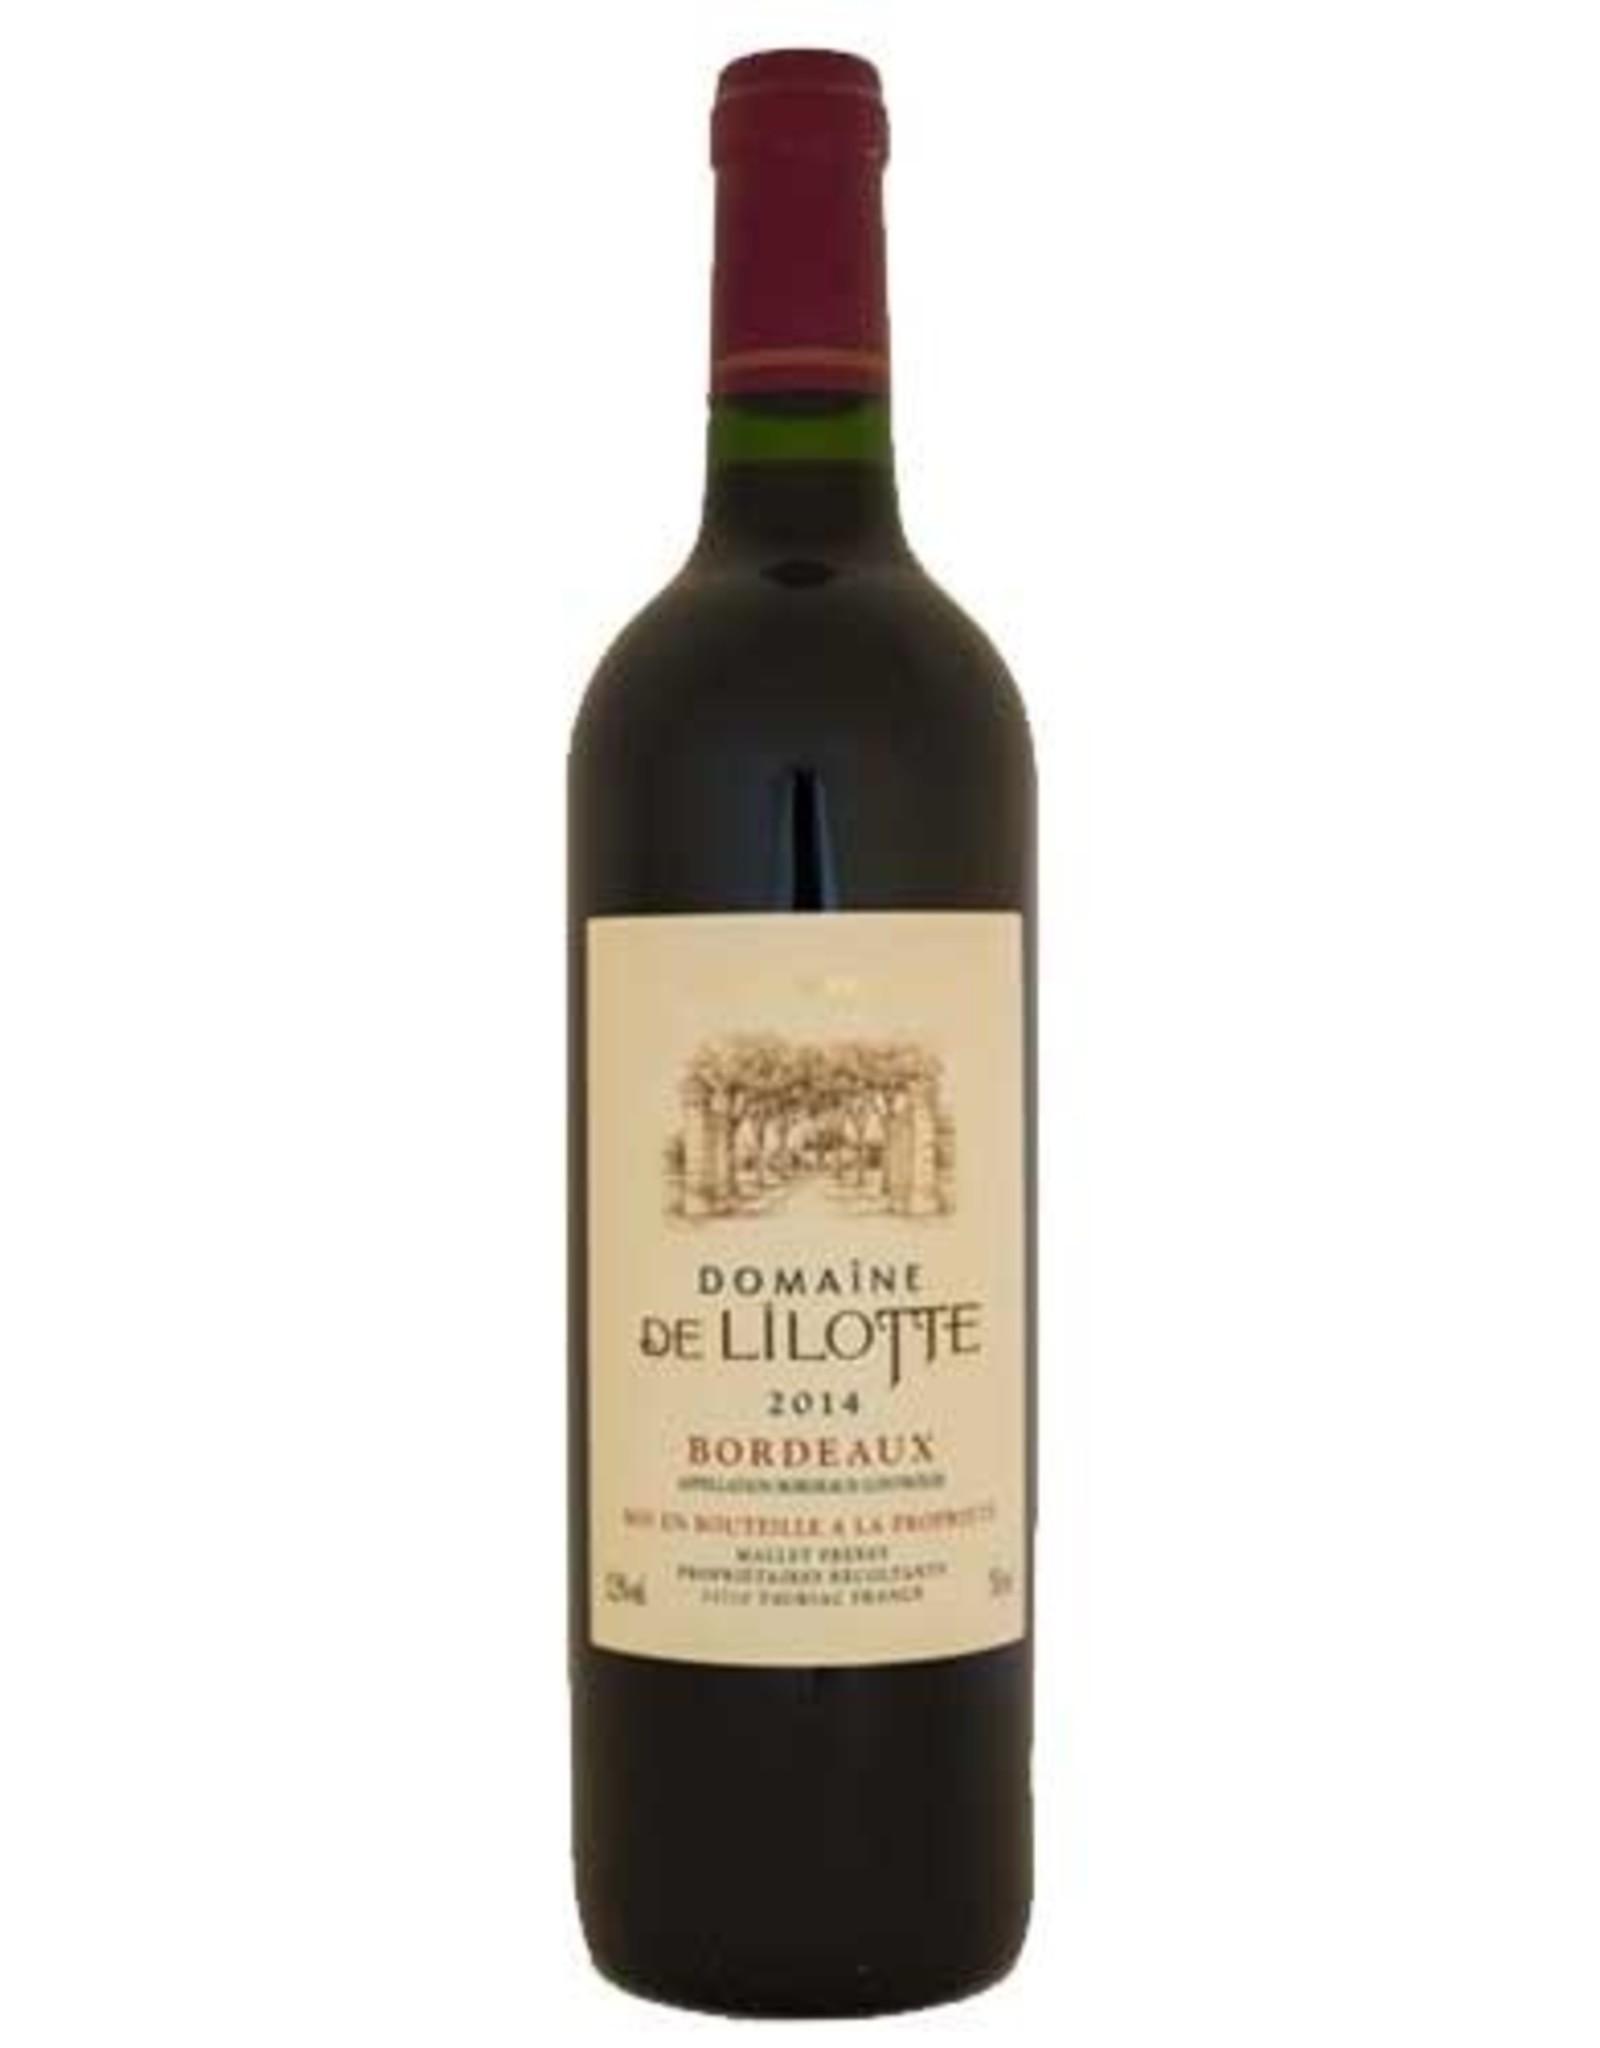 Domaine De Lilotte 2014 Bordeaux